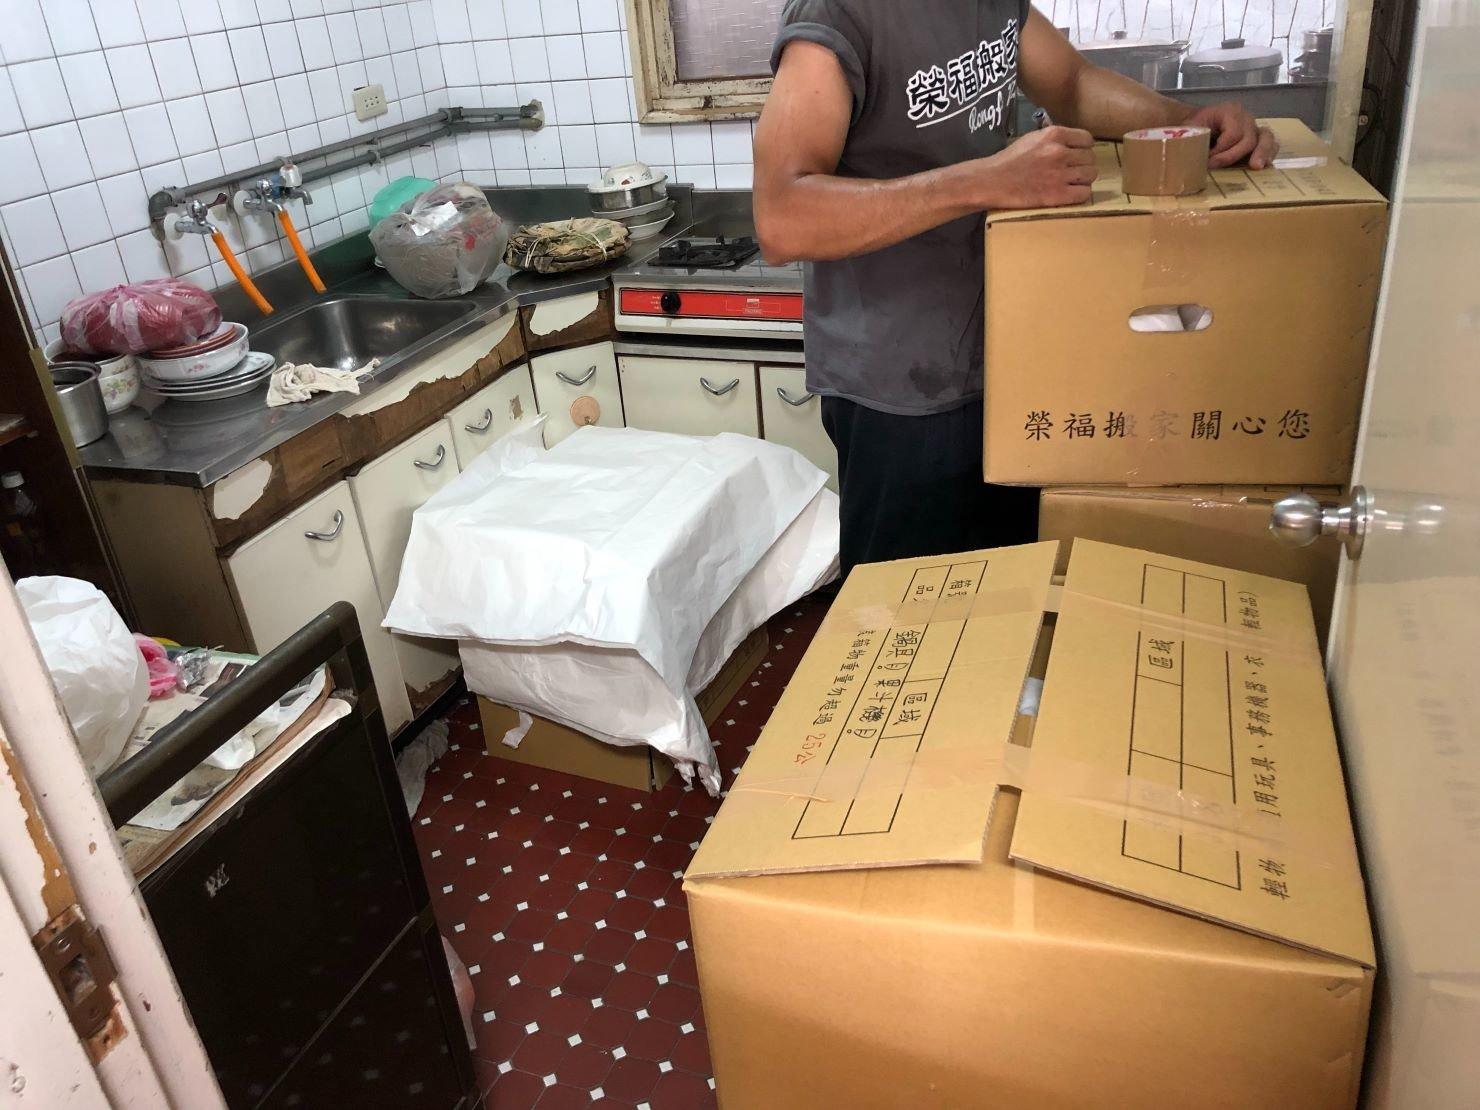 免動手搬家【榮福搬家】專業服務值得您的選擇:榮福搬家除了搬遷服務業也有代客裝箱打包並且貼心販售顧客所需用紙箱